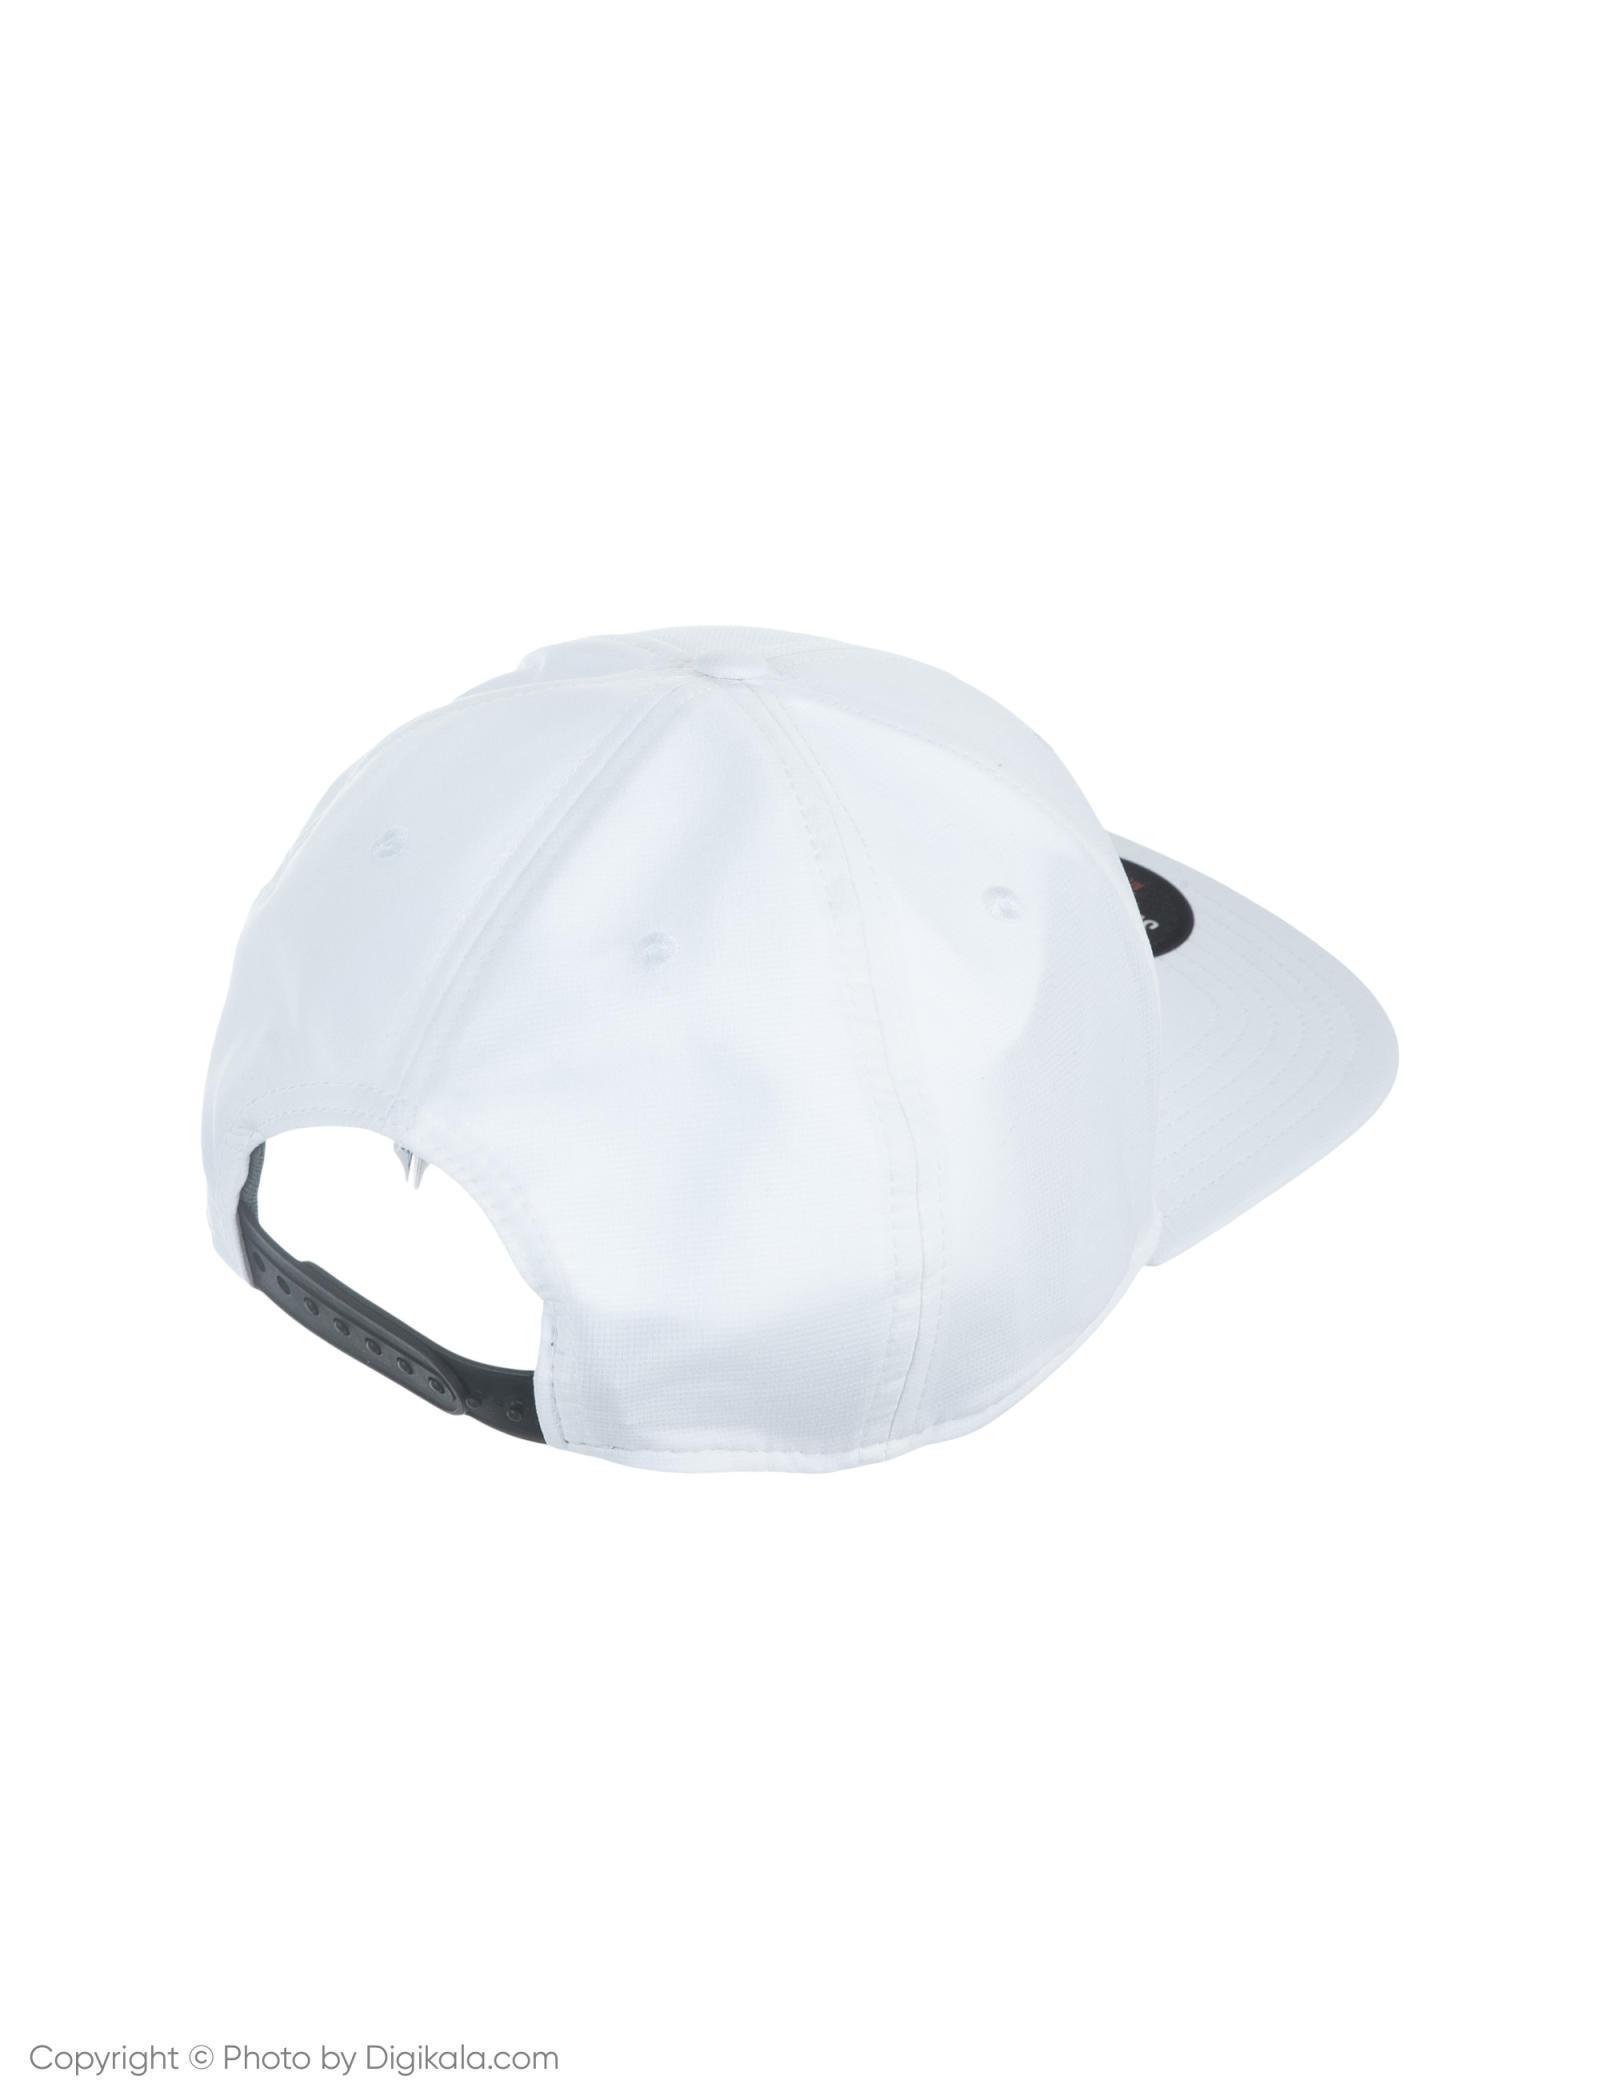 کلاه کپ مردانه آندر آرمور مدل SC30 Core Snapback -  - 3